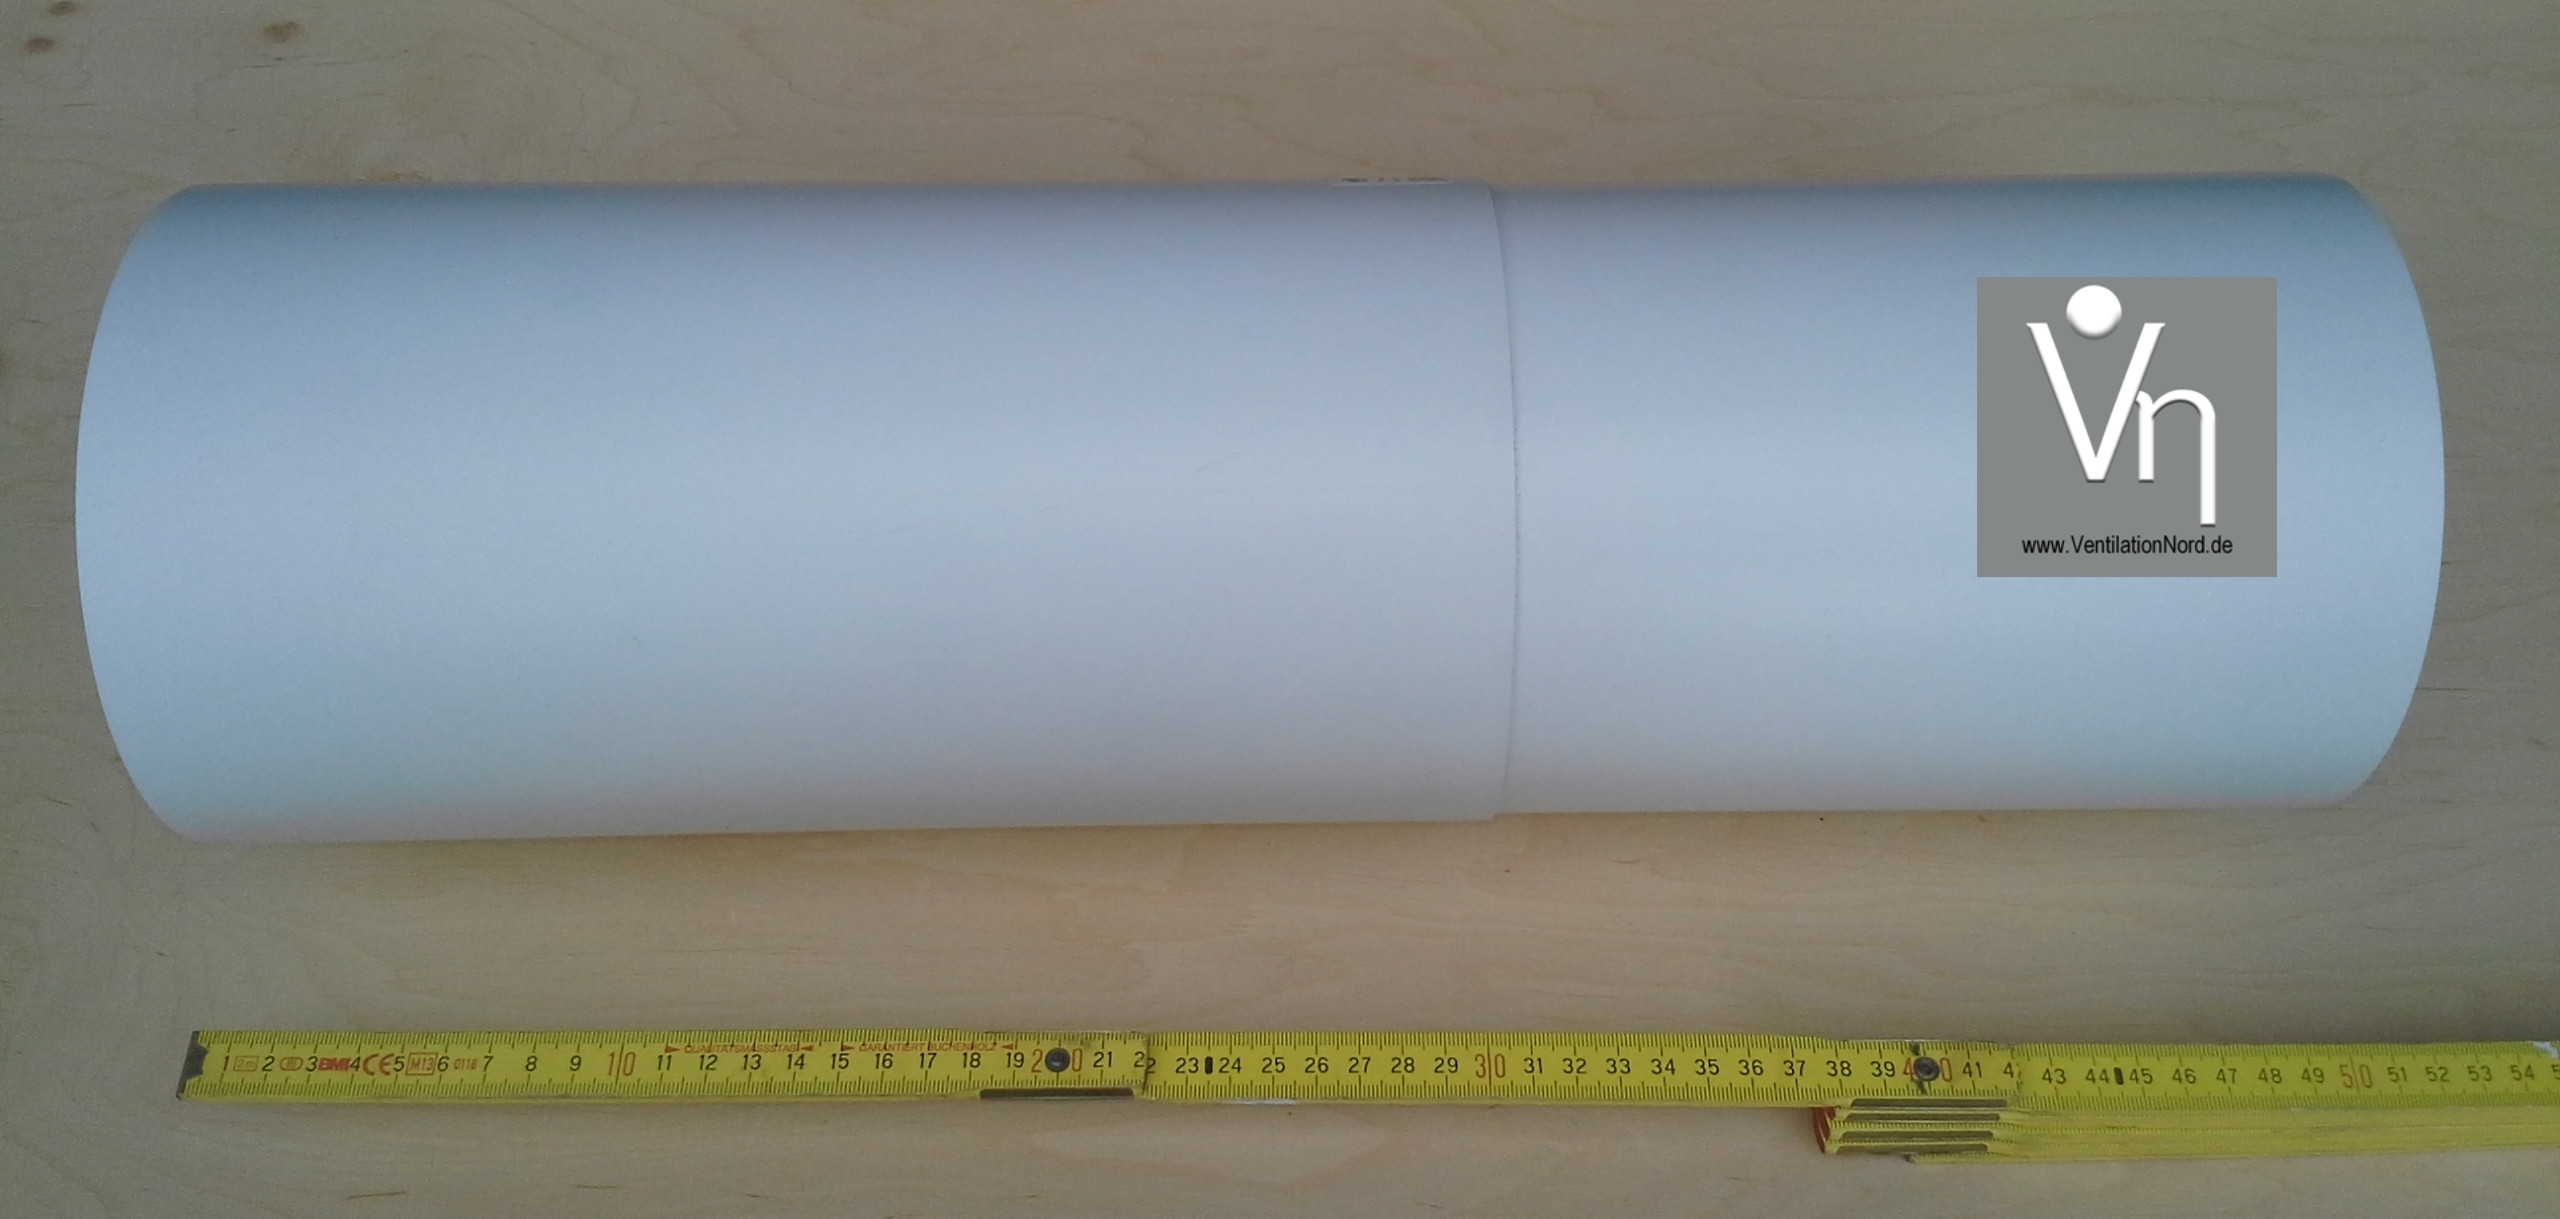 teleskoprohr verl ngerung f r wandst rken 500 bis 750 mm mauerkasten. Black Bedroom Furniture Sets. Home Design Ideas